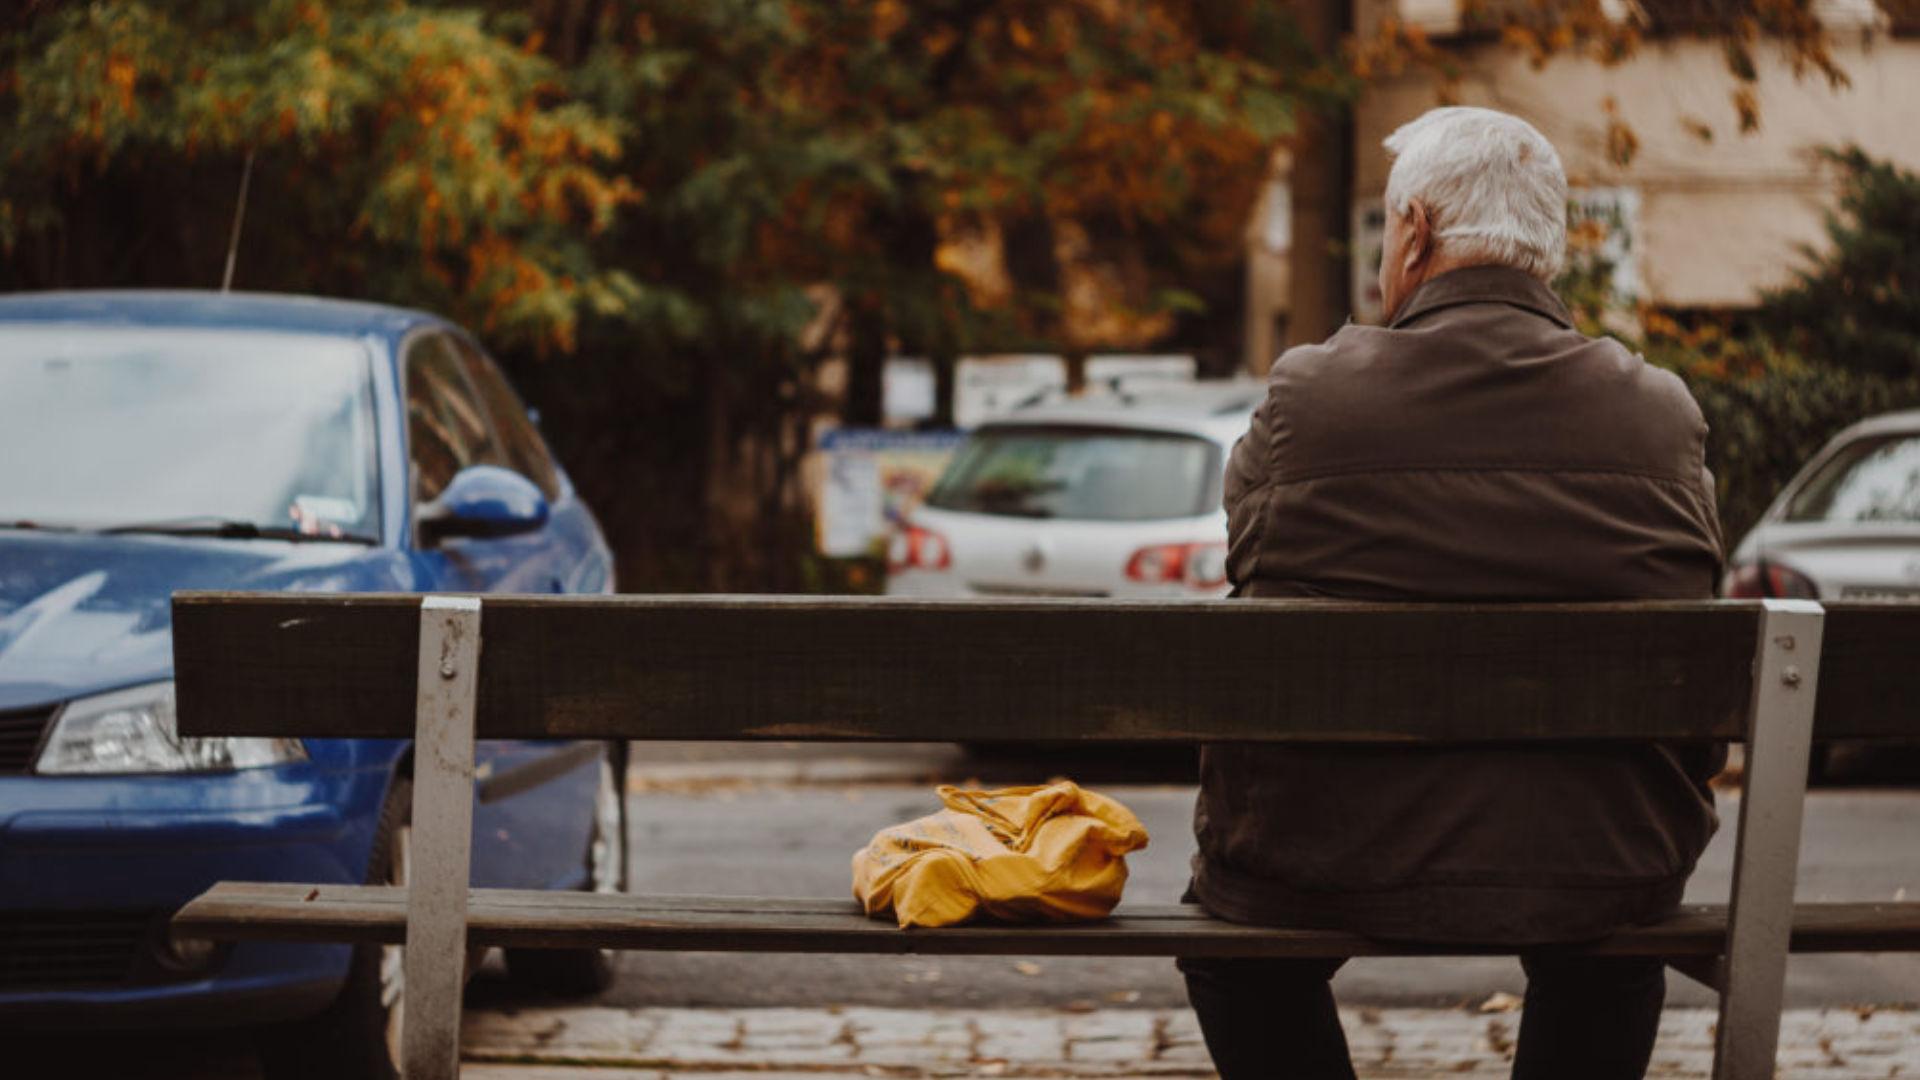 Wplyw zmian demograficznych na społeczenstwo